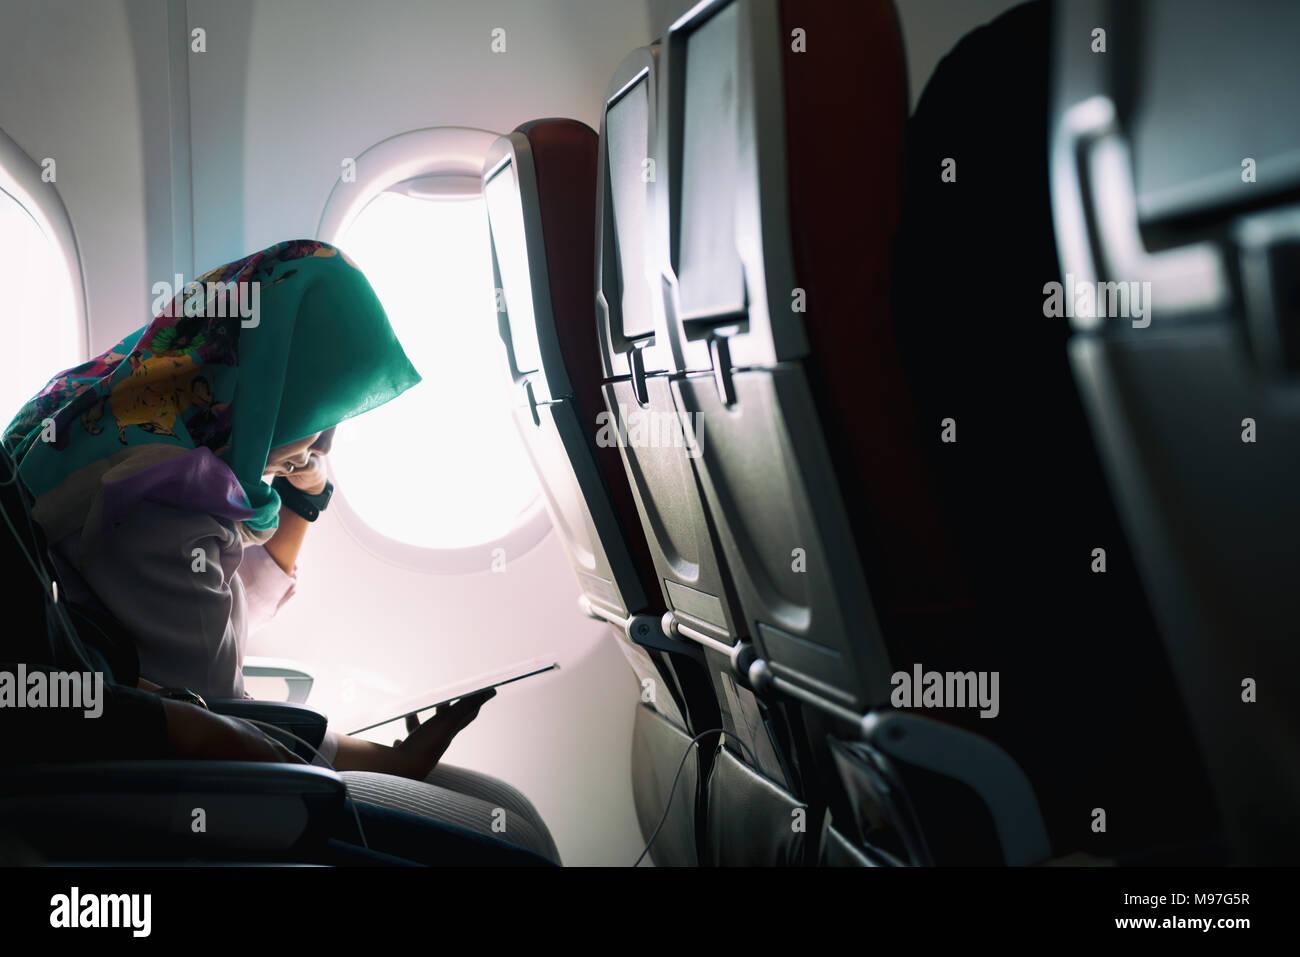 Weibliche einsam muslimischen Reisen im Flugzeug beim Lesen auf Sitzen bei einem Sonnenuntergang, lowlight Ambiente Modus Stockbild